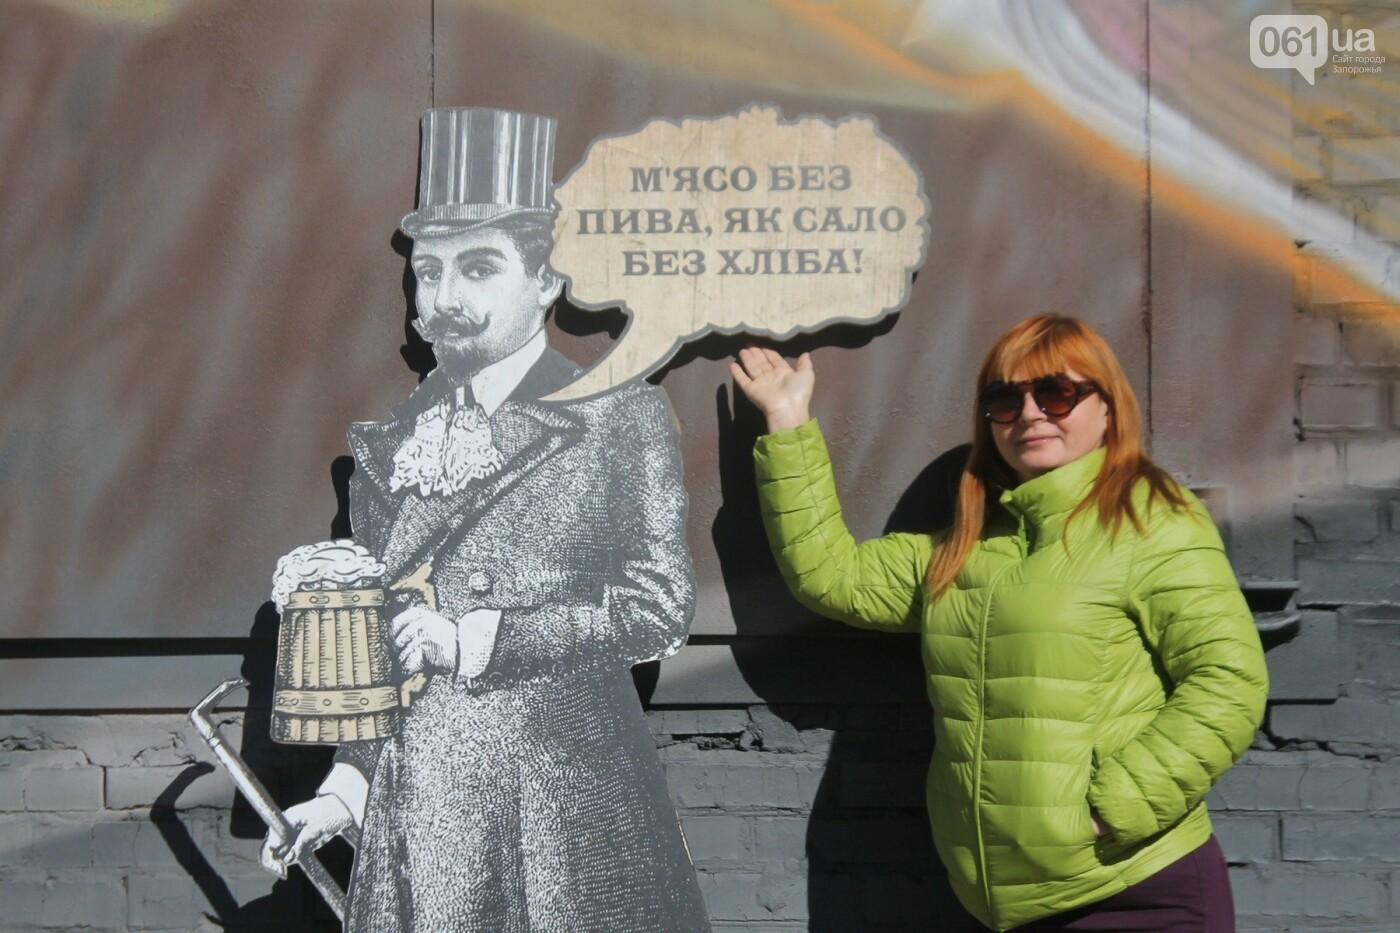 Как в Запорожье прошел пивной фестиваль «Beluga Beer fest», – ФОТОРЕПОРТАЖ, фото-4